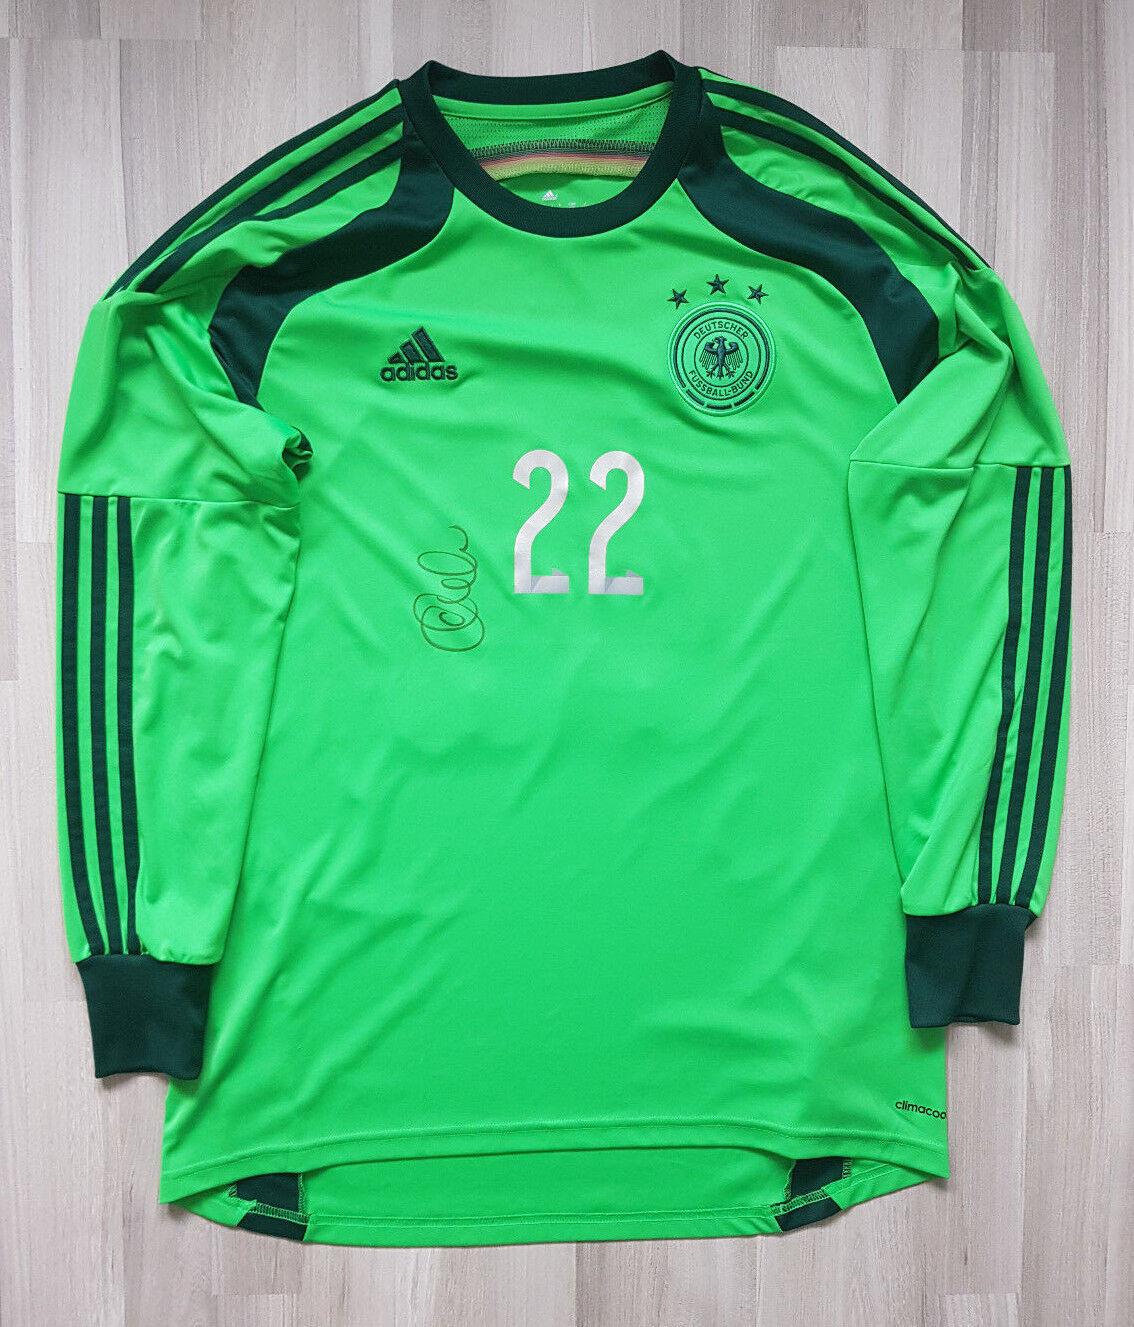 Adidas DFB Deutschland Torwart Trikot WM 2014 Zieler Gr. L signiert Nr. 22